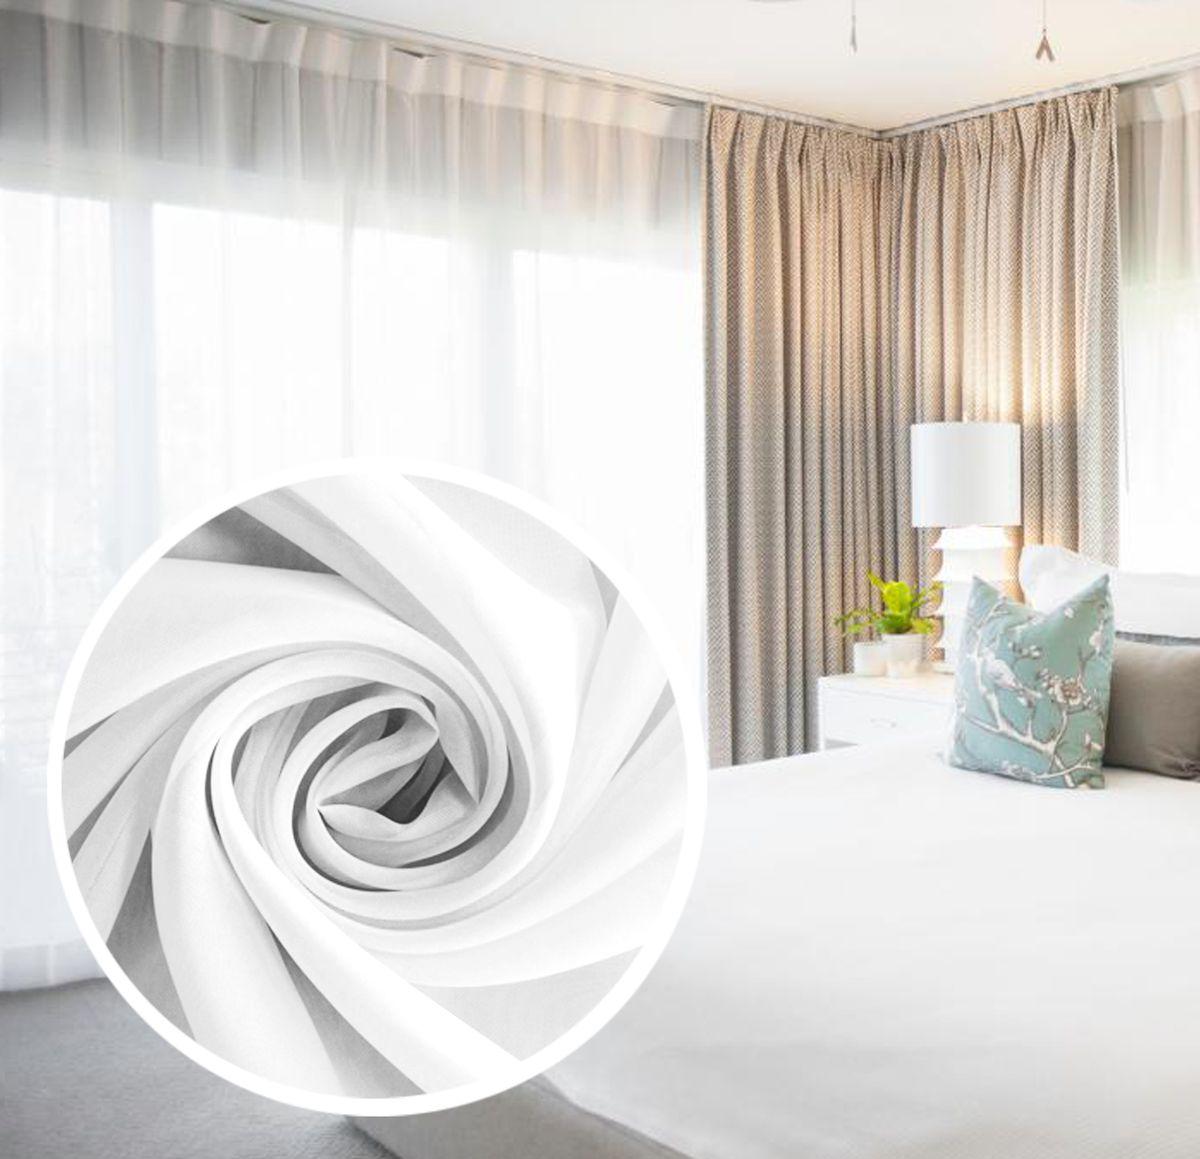 Тюль Amore Mio, цвет: белый, высота 270 см. RR 200178560Однотонная легкая вуаль нежного цвета в классическом однотонном исполнении. Незаменимая деталь в оформлении окон спальни и гостиной. Отлично сочетается практически с любыми портьерами. Изделие на шторной ленте, готово к использованию.